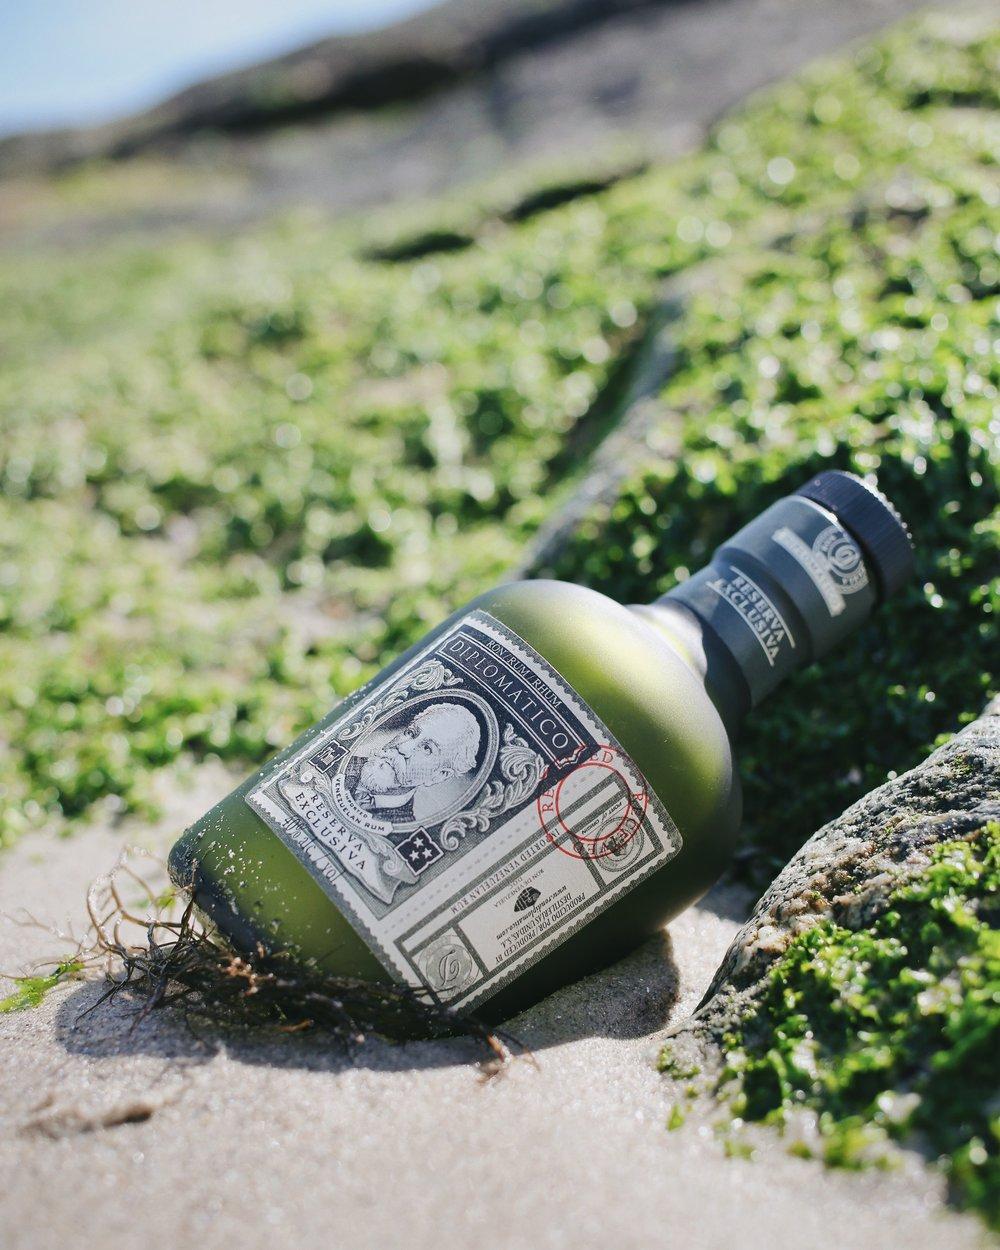 For Diplomatic Rum